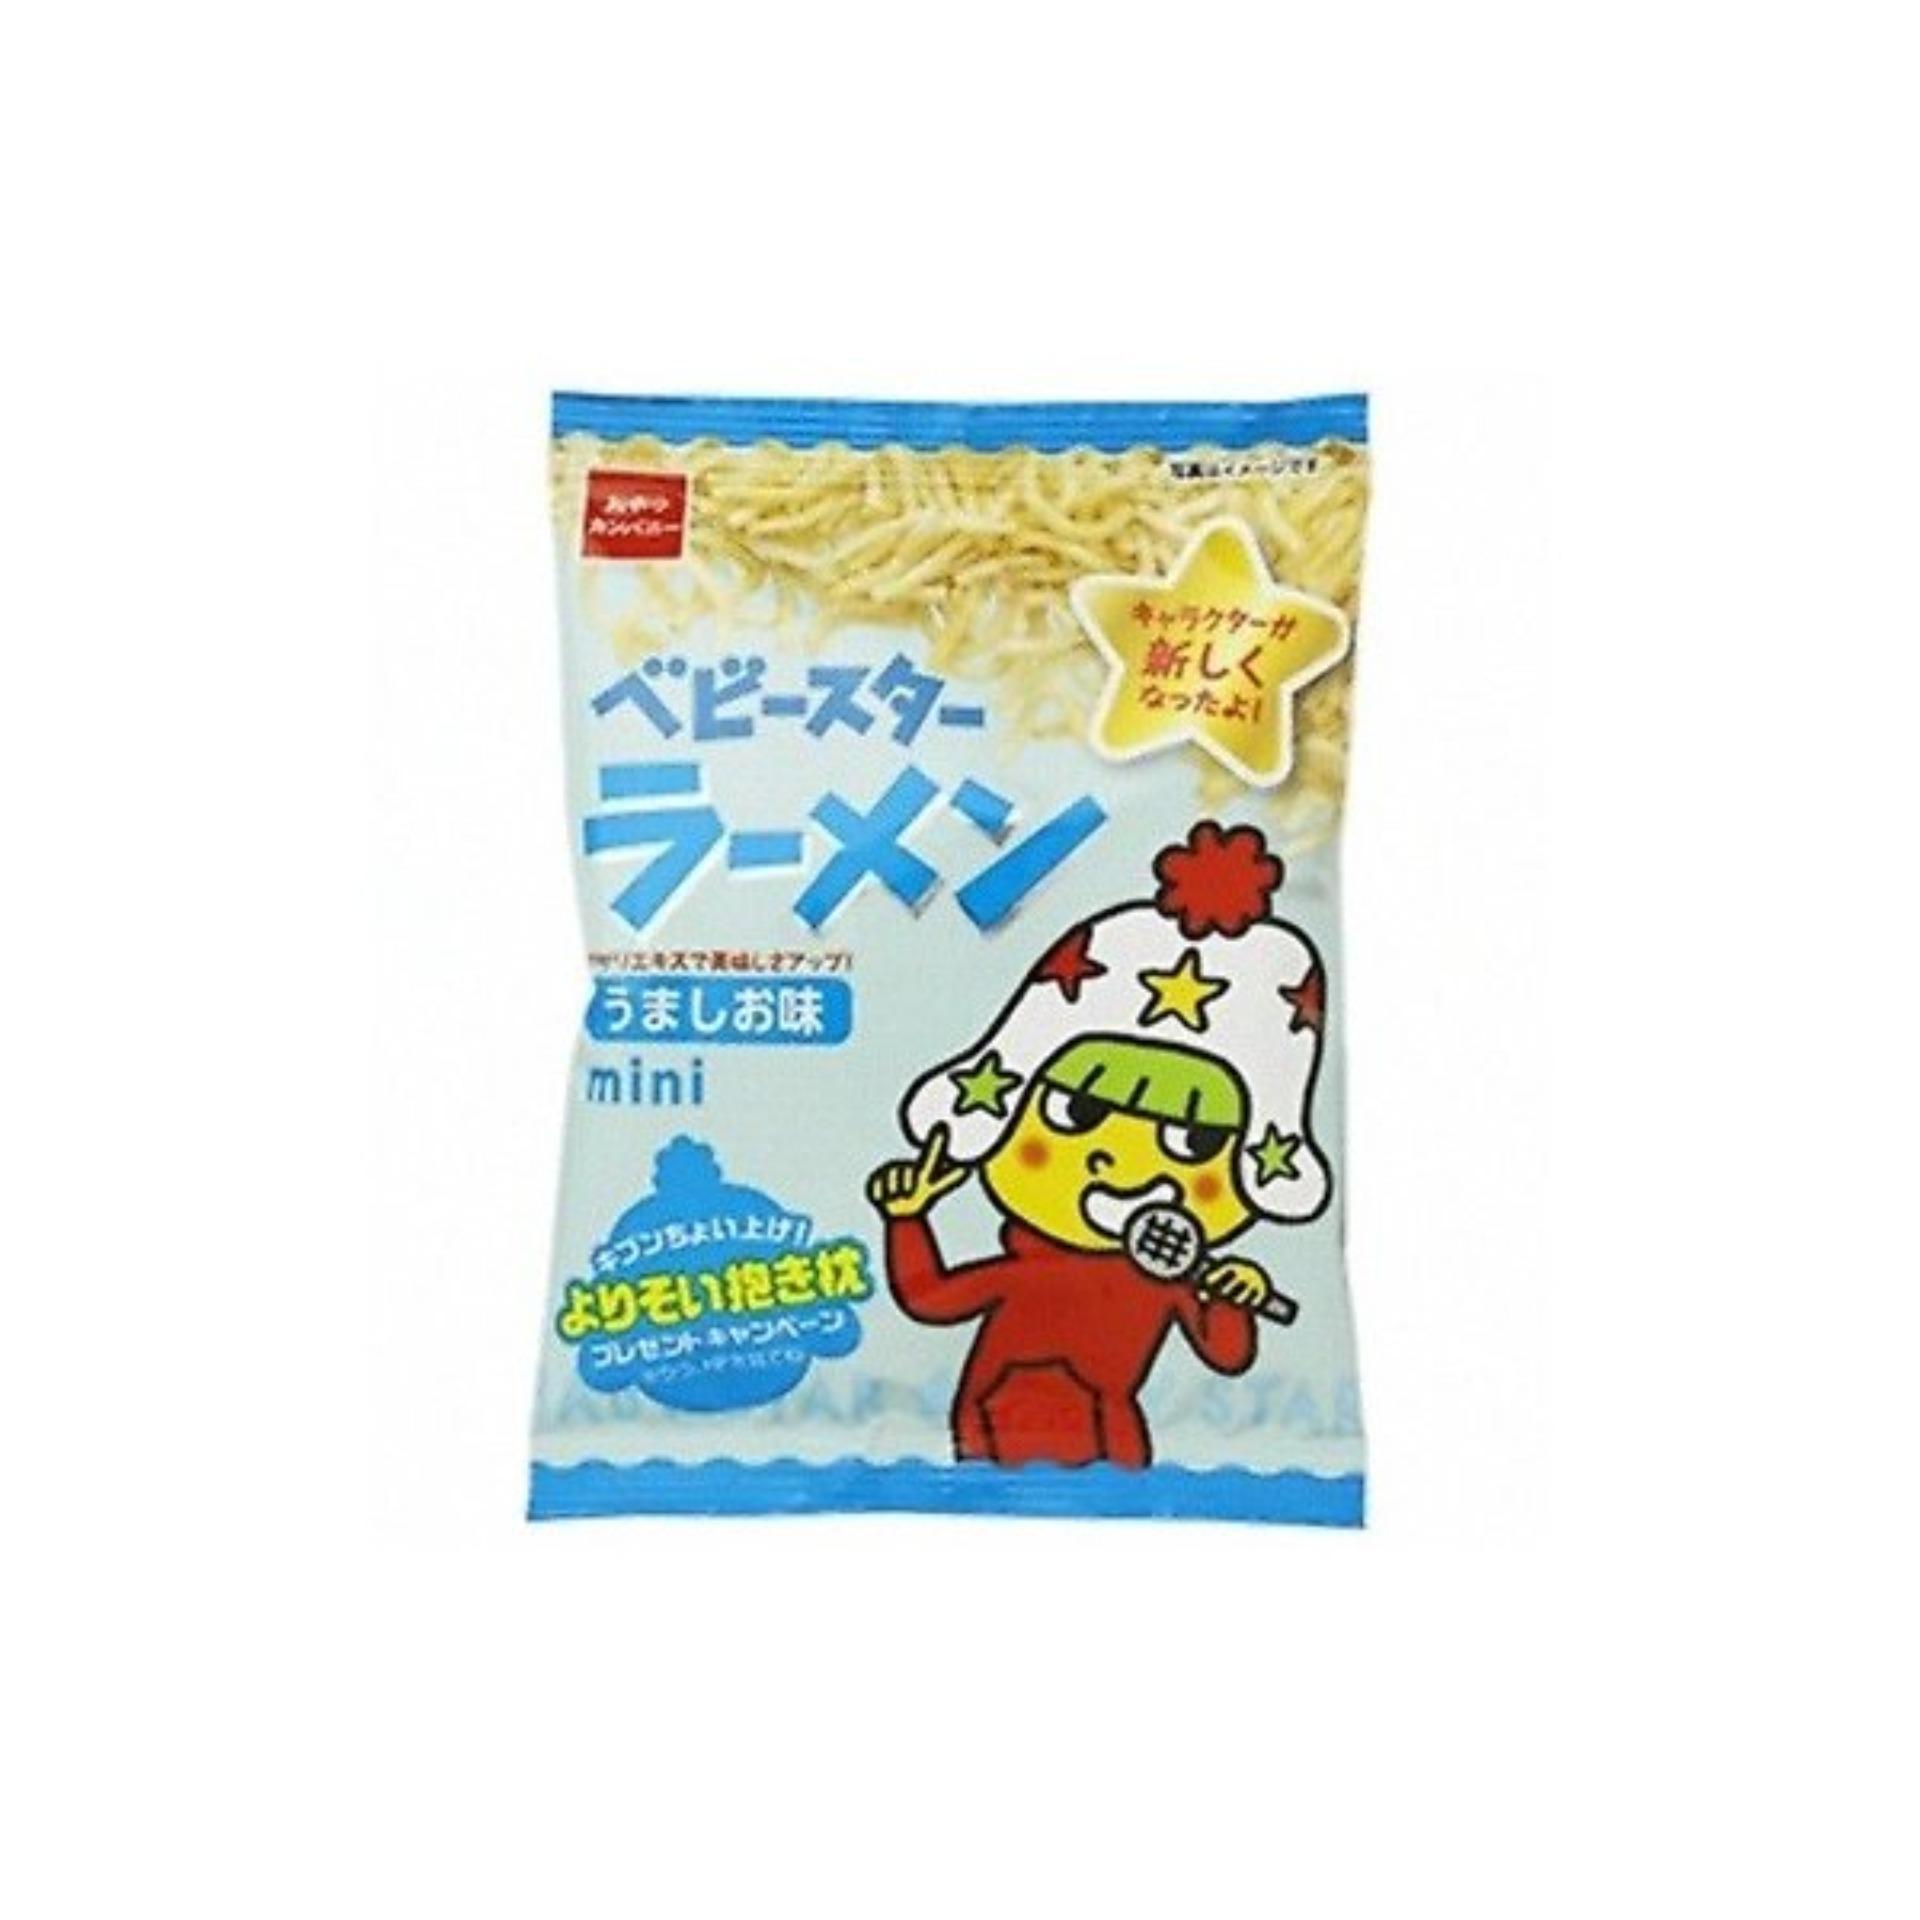 Snack Mini Ramen vị Umami